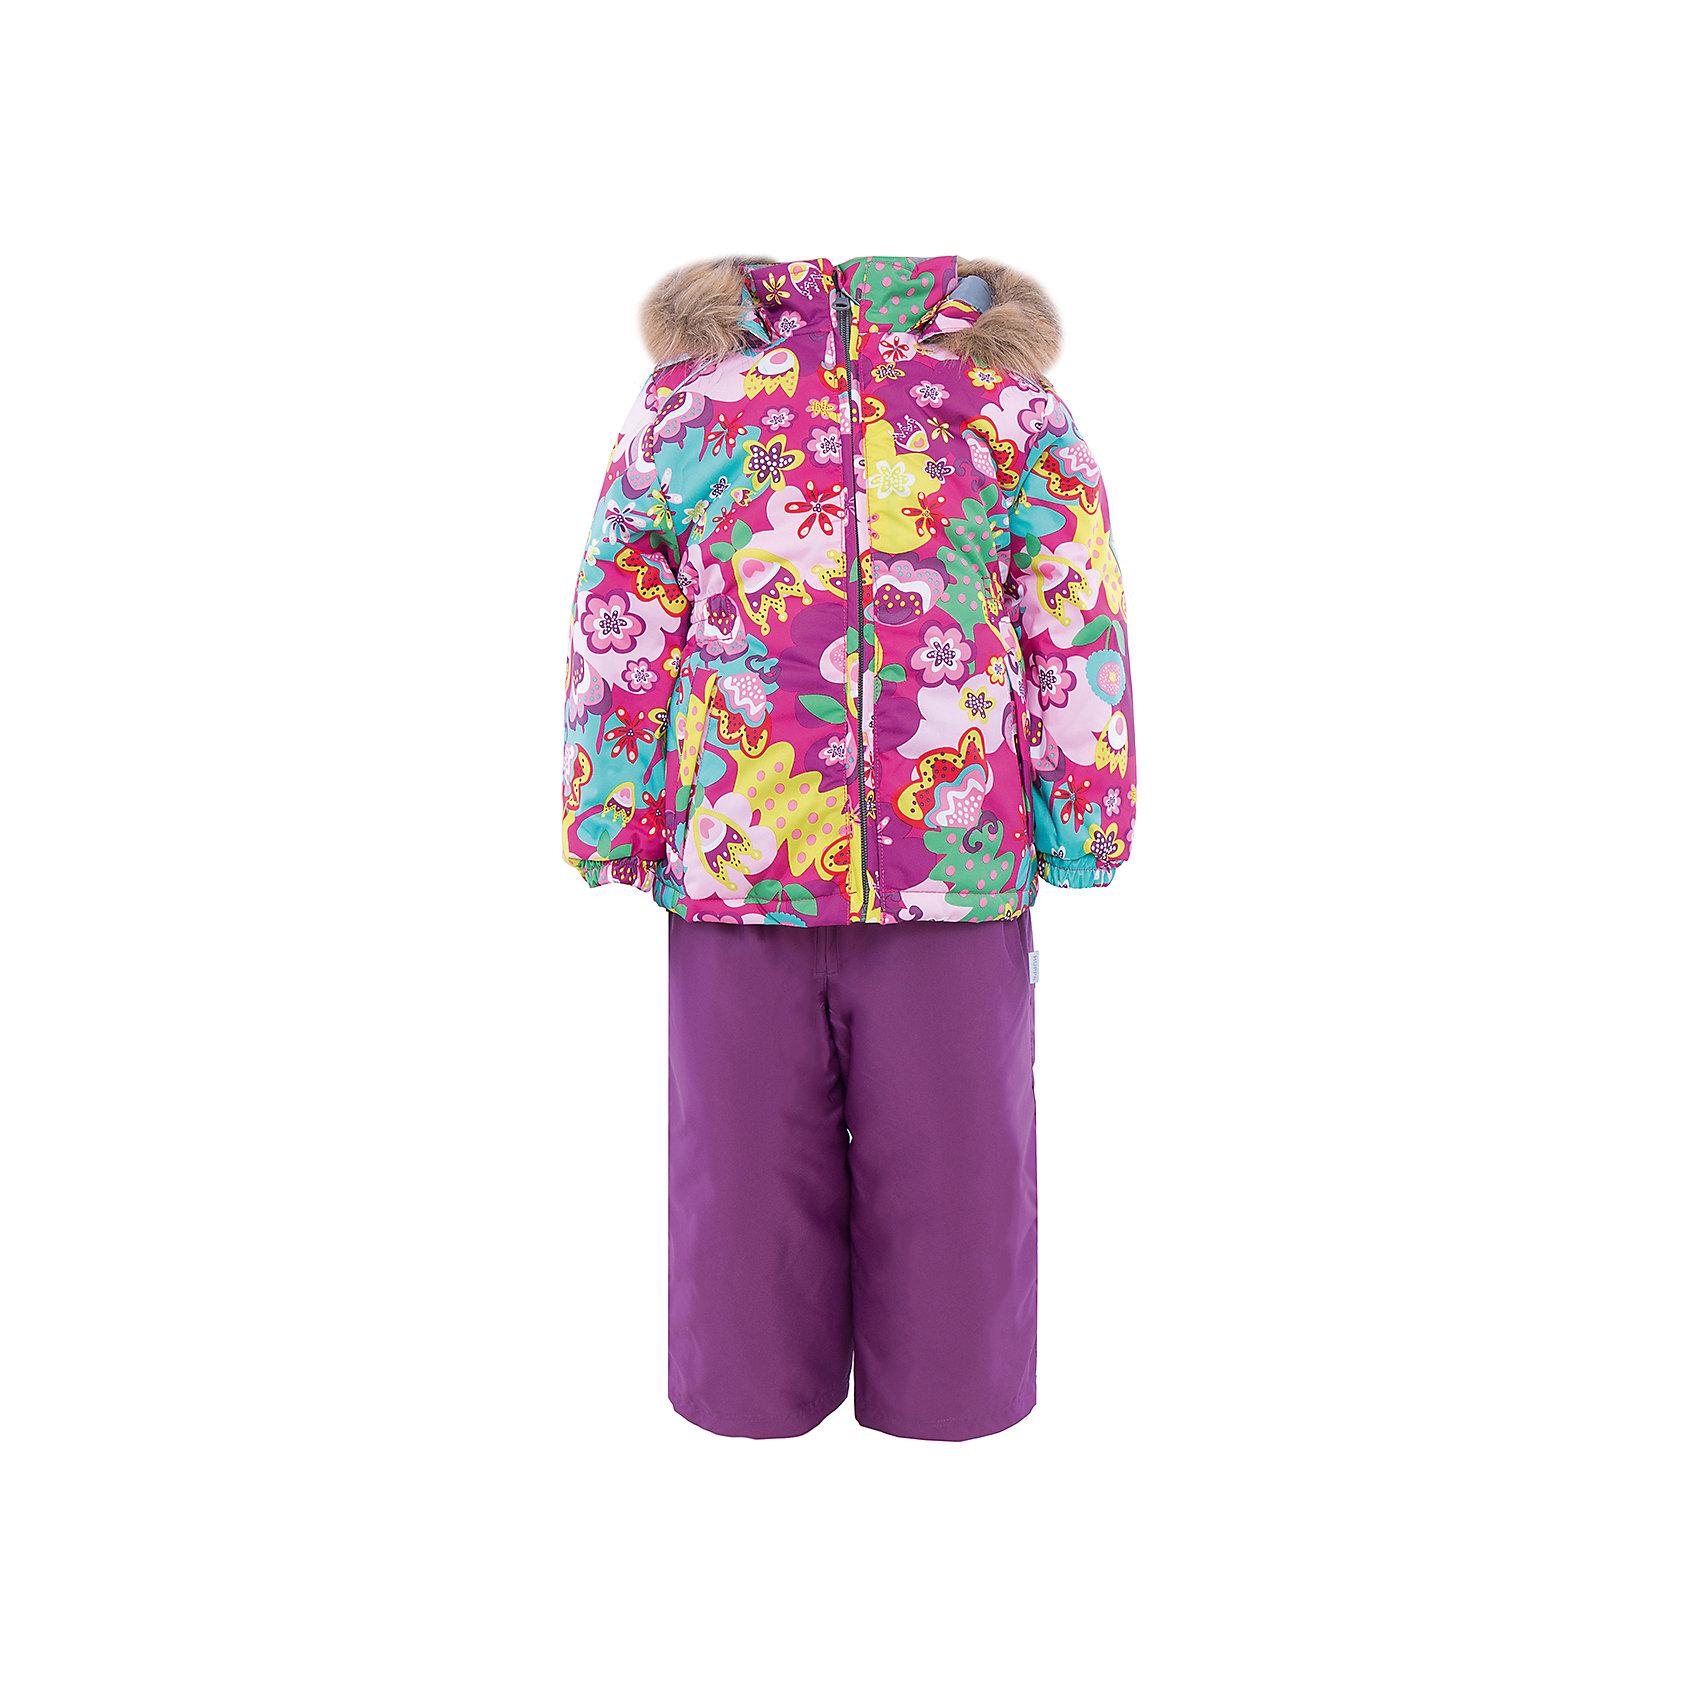 Комплект   для девочки HuppaЗимний комплект WONDER Huppa(Хуппа) состоит из  полукомбинезона и куртки. <br><br>Утеплитель: 100% полиэстер. Куртка – 300 гр., полукомбинезон – 160 гр.<br><br>Температурный режим: до -30 градусов. Степень утепления – высокая. <br><br>* Температурный режим указан приблизительно — необходимо, прежде всего, ориентироваться на ощущения ребенка. Температурный режим работает в случае соблюдения правила многослойности – использования флисовой поддевы и термобелья.<br><br>Яркая зимняя куртка с необычным дизайном изготовлена из качественных и прочных материалов. Резинки на рукавах помогут избежать попадания снега под одежду. Специальная мембрана не даст воде и холодному воздуху проникнуть под одежду и поможет избавиться от лишней влаги, выделяемой телом. Брюки на подтяжках имеют резинки на талии и манжетах. В комплекте Huppa ребенку будет тепло и комфортно!<br><br>Дополнительная информация:<br>Съемный капюшон (мех не отстегивается)<br>Шаговый шов проклеен<br>Материал: 100% полиэстер<br>Подкладка: тафта - 100% полиэстер, флис - 100% полиэстер<br>Цвет: лиловый/розовый<br><br>Комплект WONDER Huppa(Хуппа) можно приобрести в нашем интернет-магазине.<br><br>Ширина мм: 356<br>Глубина мм: 10<br>Высота мм: 245<br>Вес г: 519<br>Цвет: розовый<br>Возраст от месяцев: 72<br>Возраст до месяцев: 84<br>Пол: Женский<br>Возраст: Детский<br>Размер: 122,110,104,98,92,116,140,134,128<br>SKU: 4928872